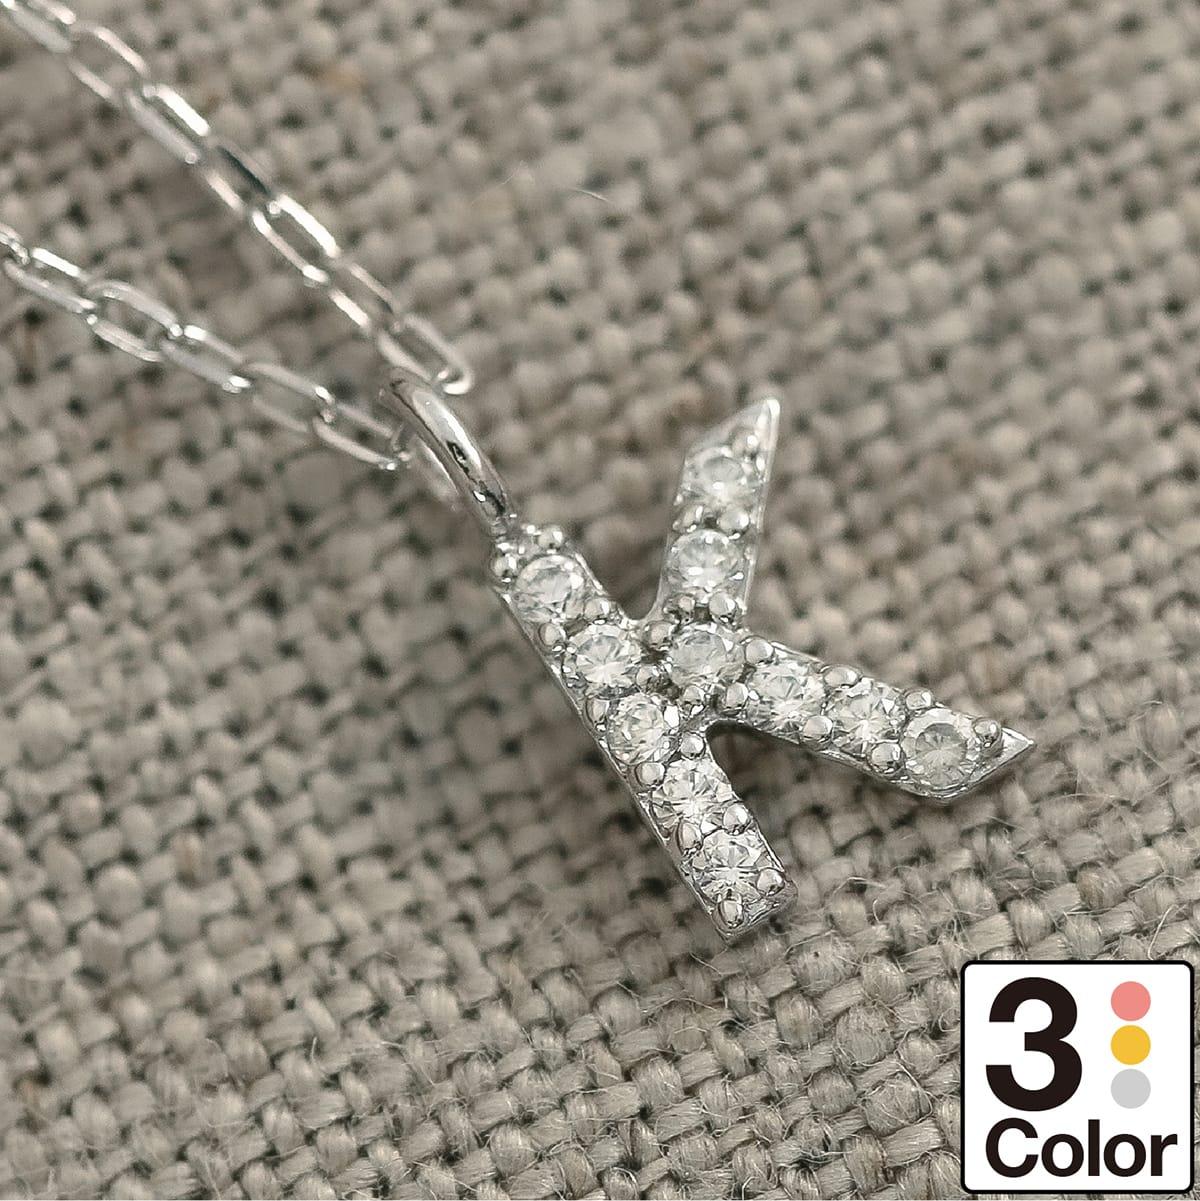 ネックレス k10 ダイヤモンド 選べるイニシャル イエローゴールド/ホワイトゴールド/ピンクゴールド 品質保証書 金属アレルギー 日本製 誕生日 ギフト